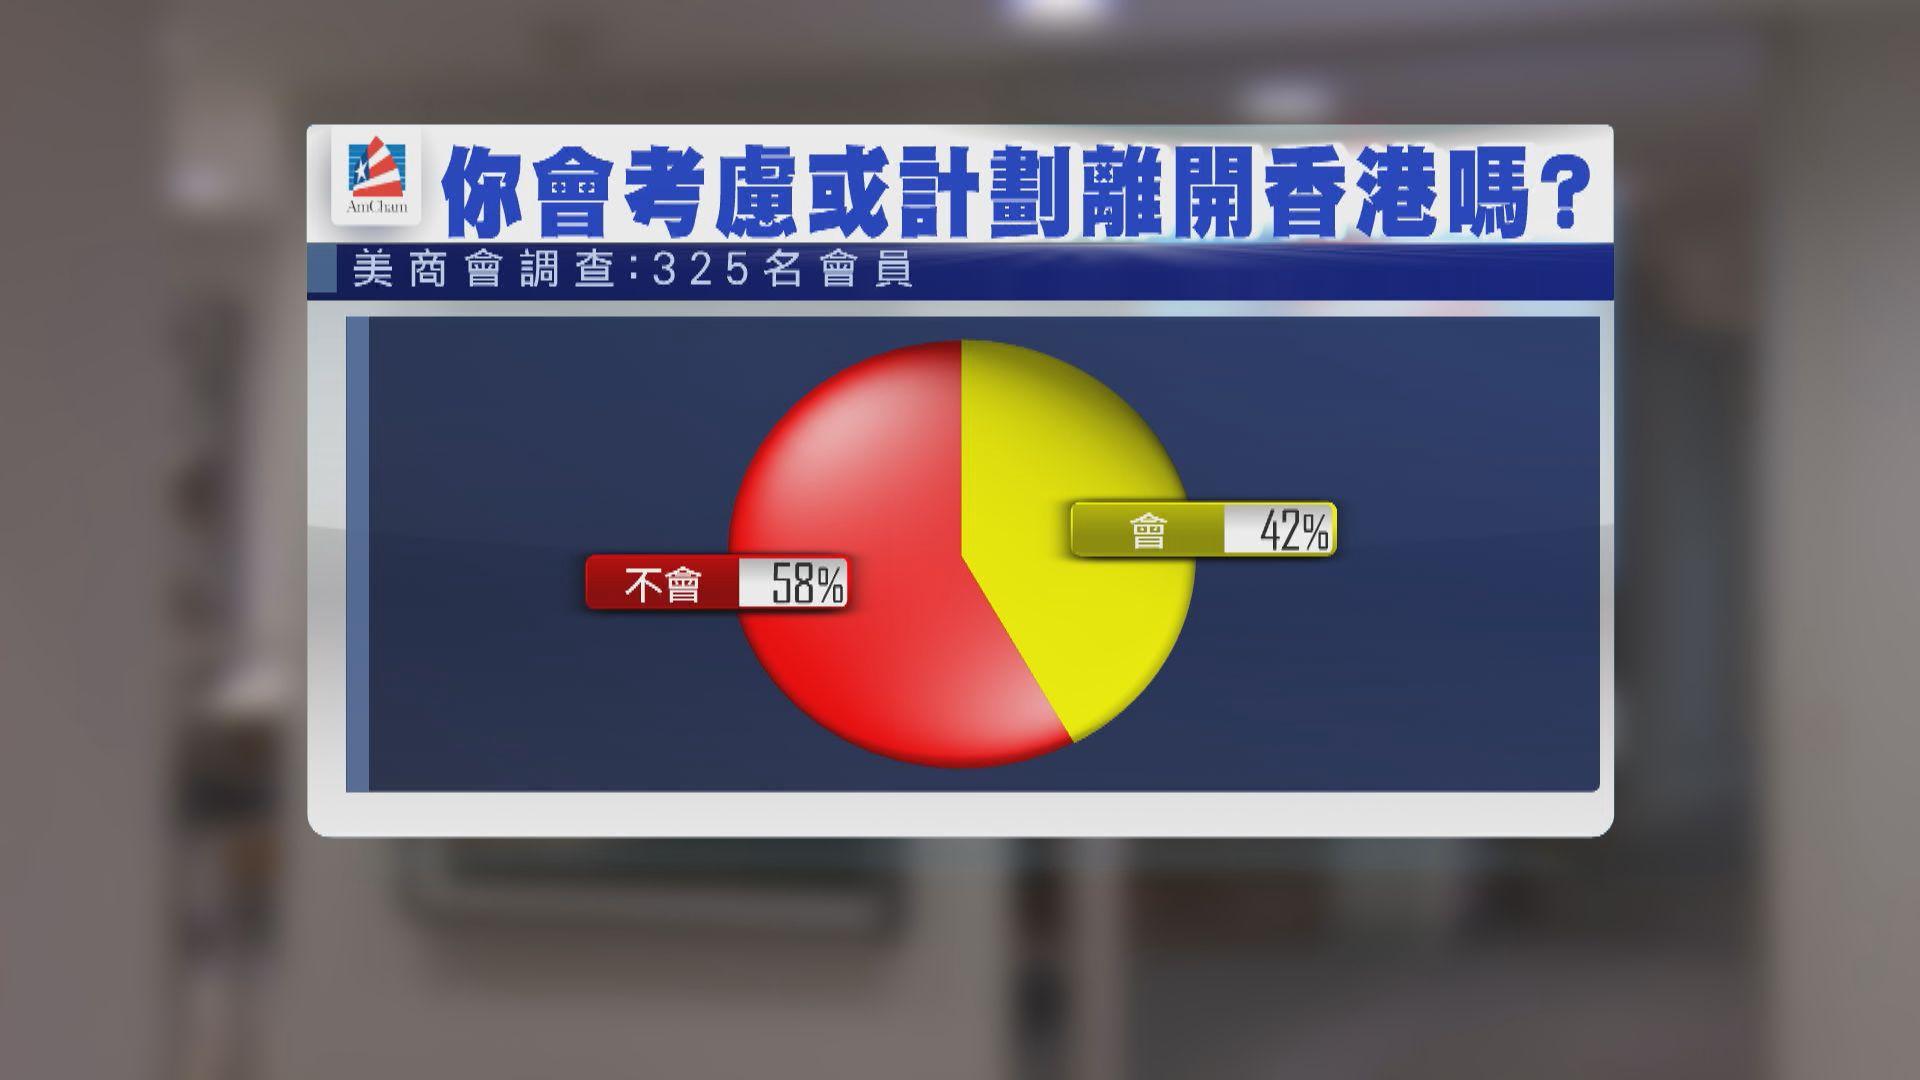 美商會調查:42%受訪者計劃離開本港